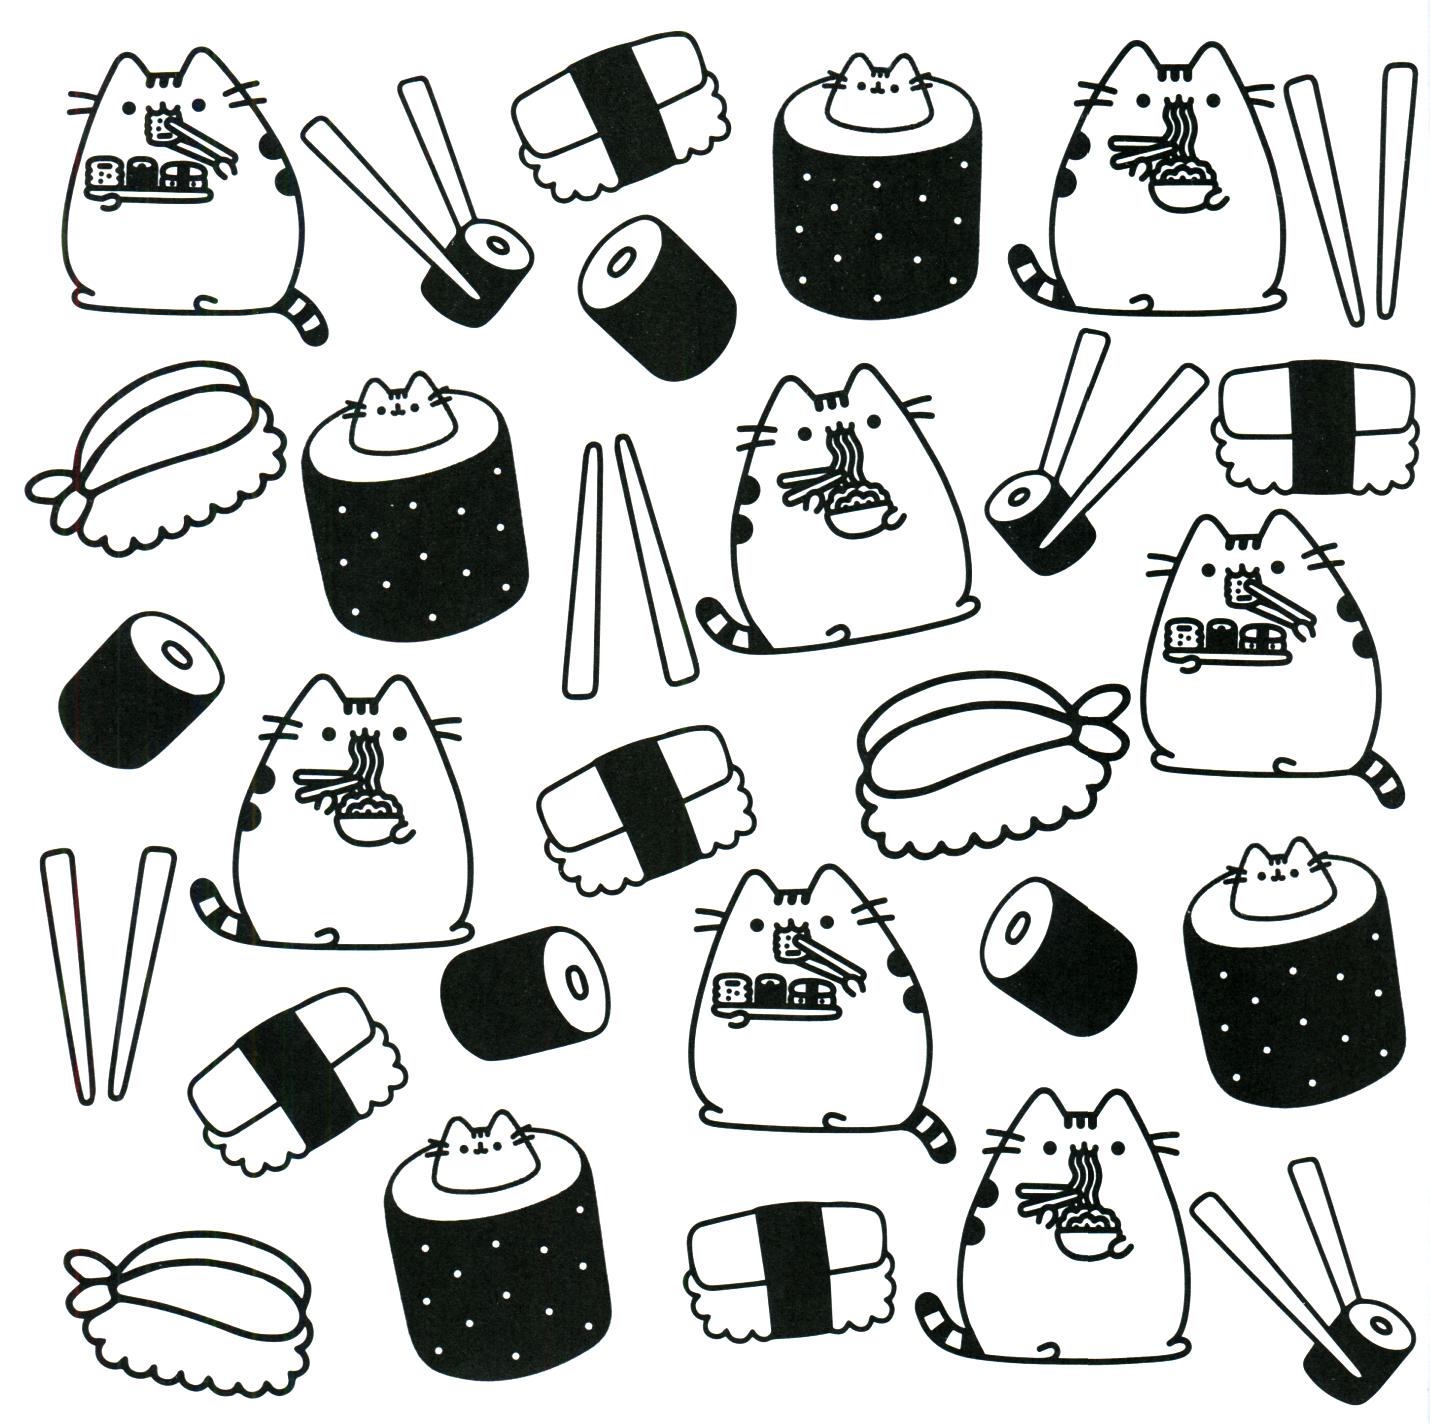 Pusheen Coloring Book Pusheen Pusheen the Cat | Gatos | Pinterest ...